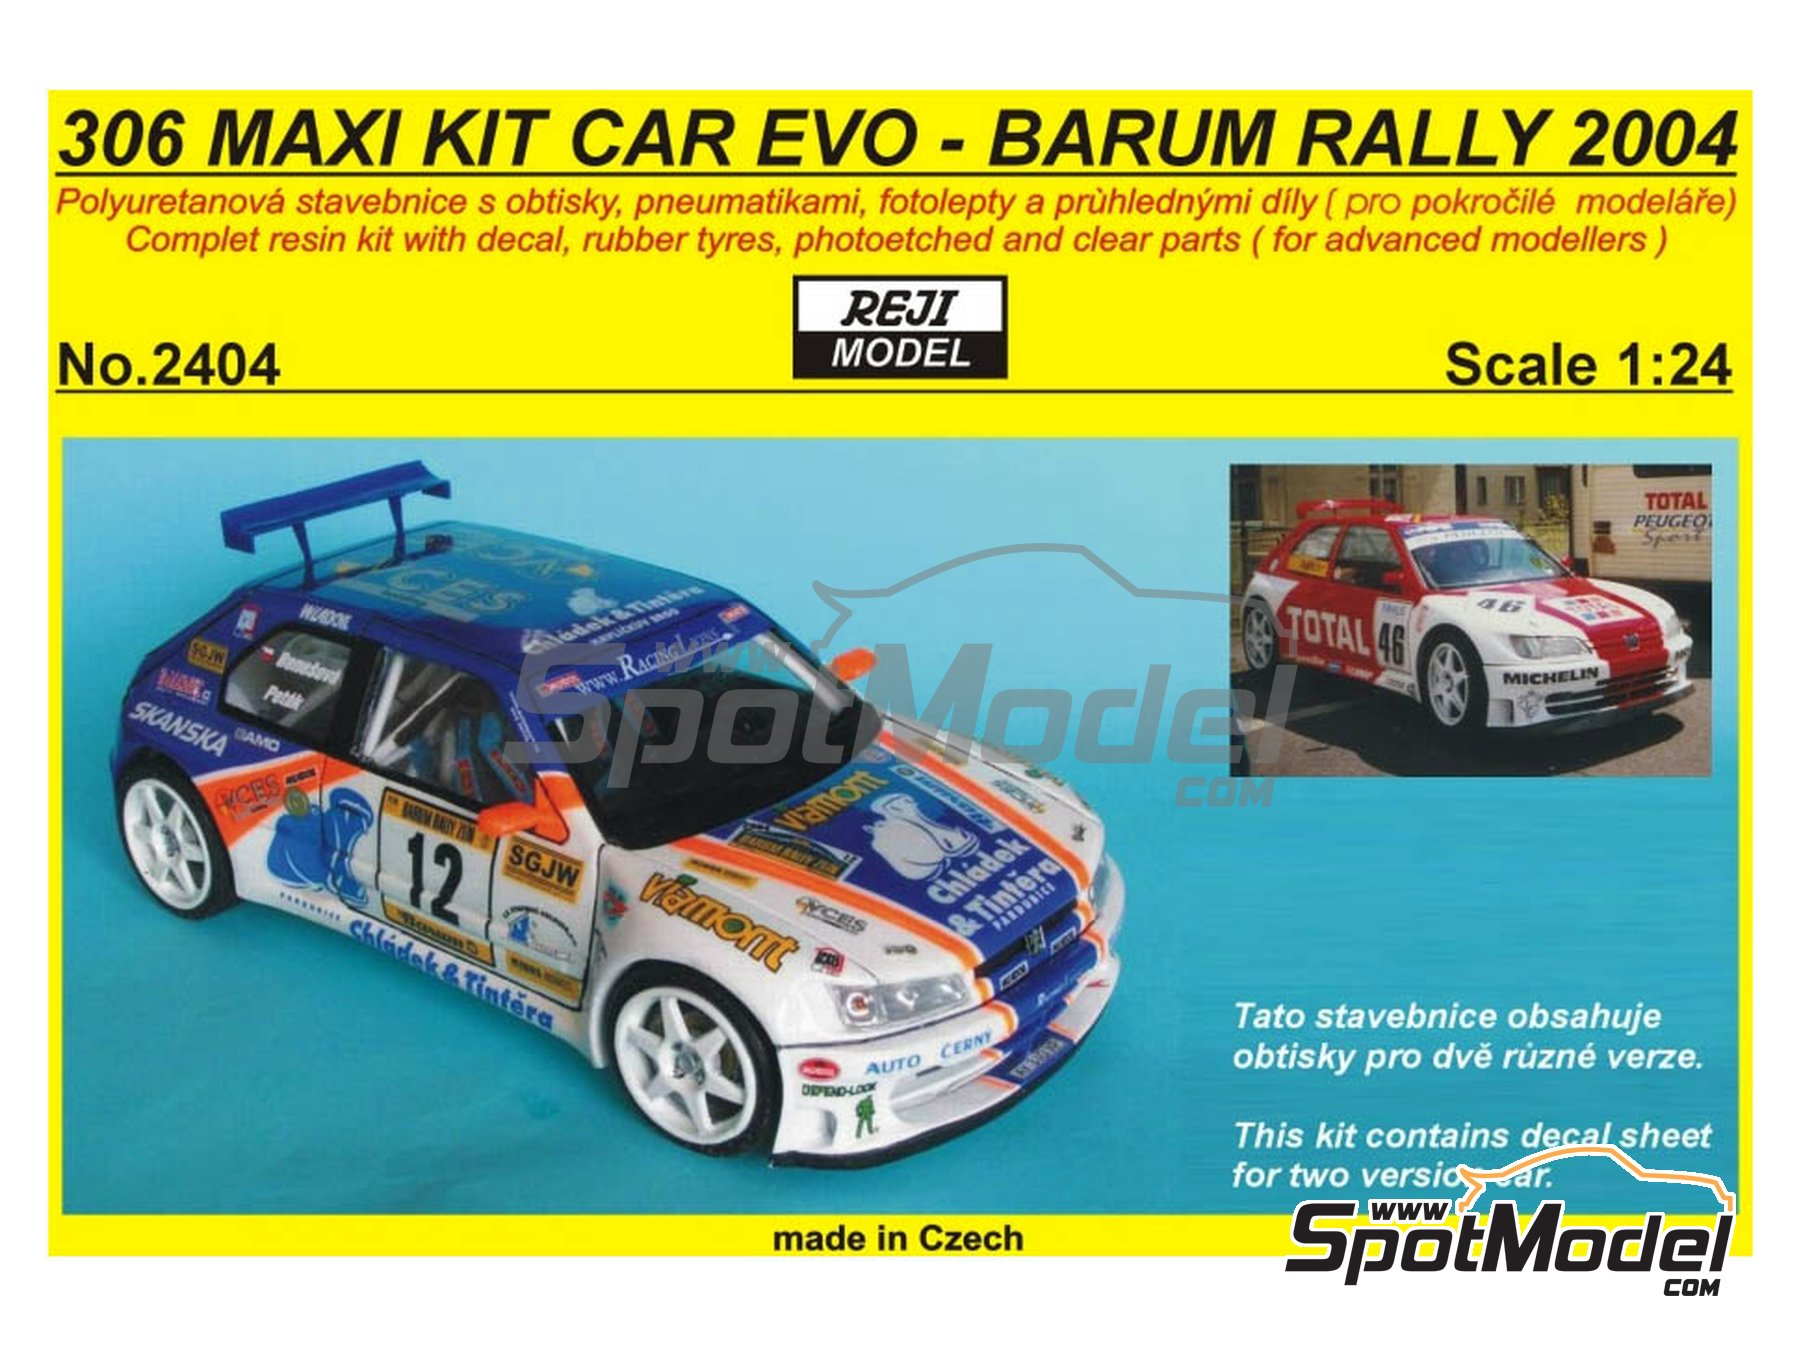 Image 1: Peugeot 306 Maxi Kit Car Evo Total - Rally Barum de la Republica Checa 2004 | Maqueta de coche en escala1/24 fabricado por Reji Model (ref.REJI-2404, tambien 2404)